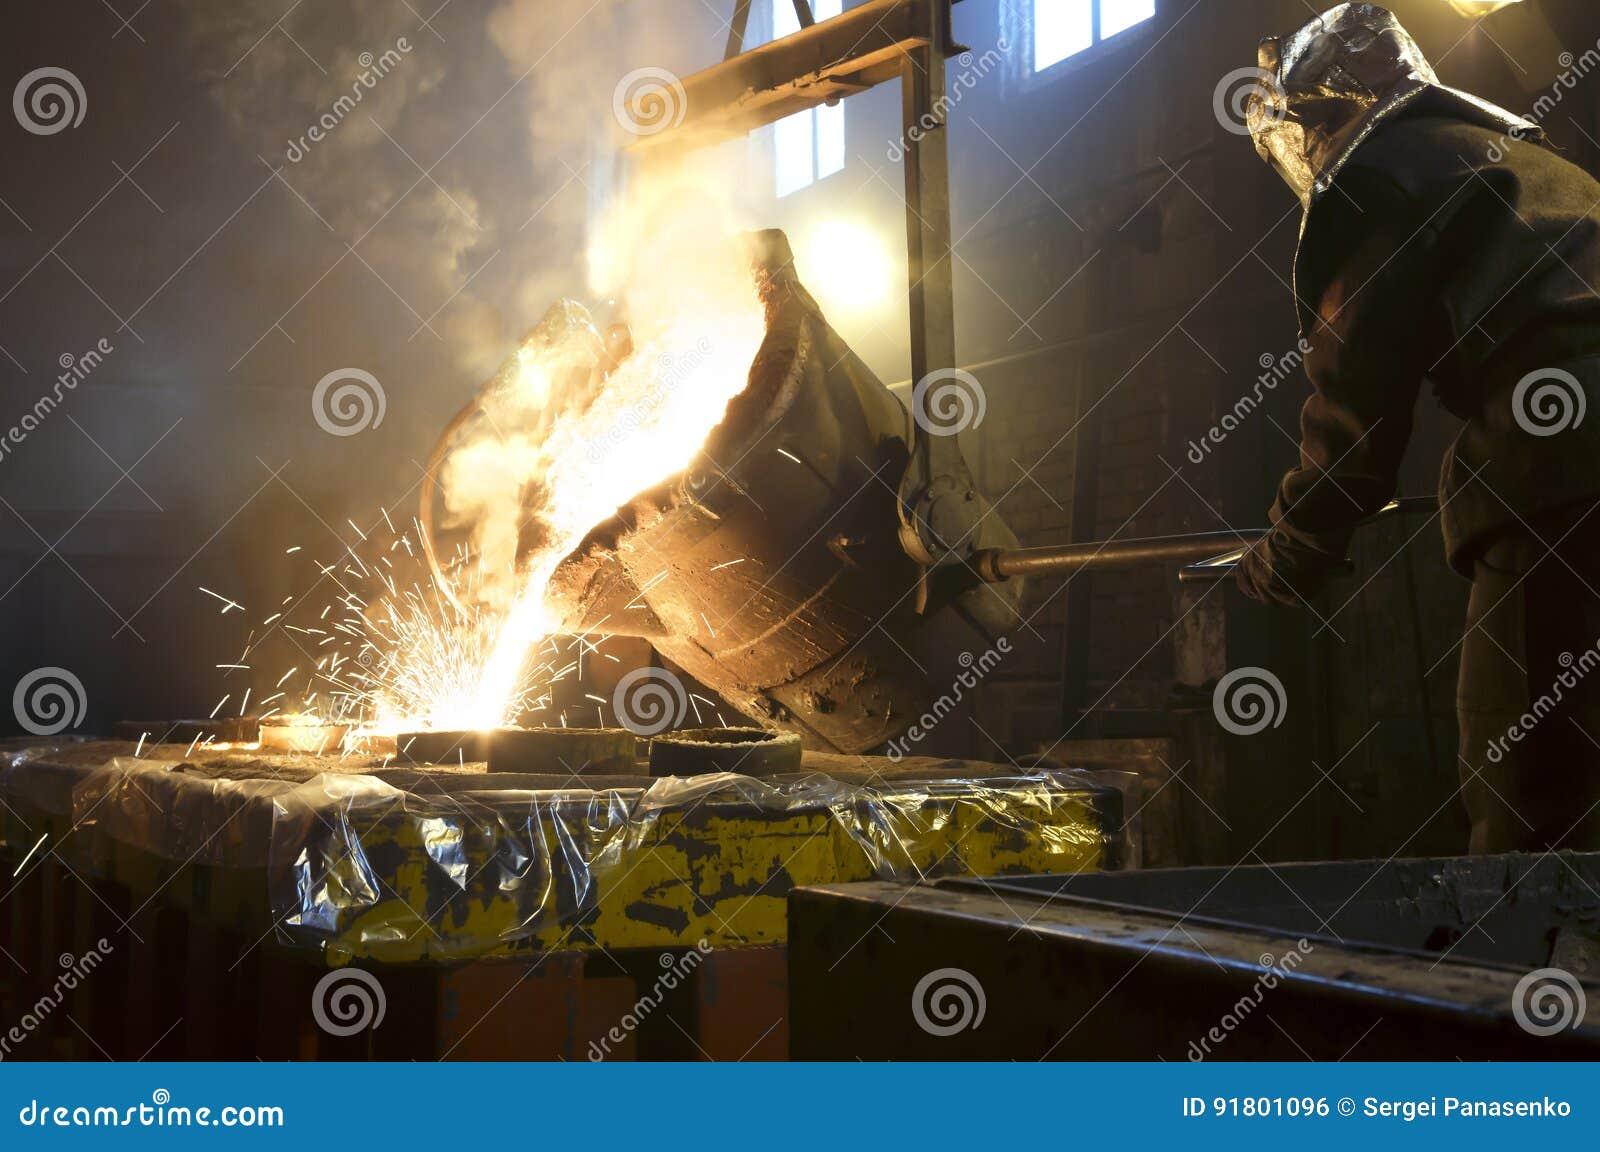 Arbeiders controlerend smelten van metaal in ovens De arbeider werkt bij de metallurgische installatie Het vloeibare metaal wordt